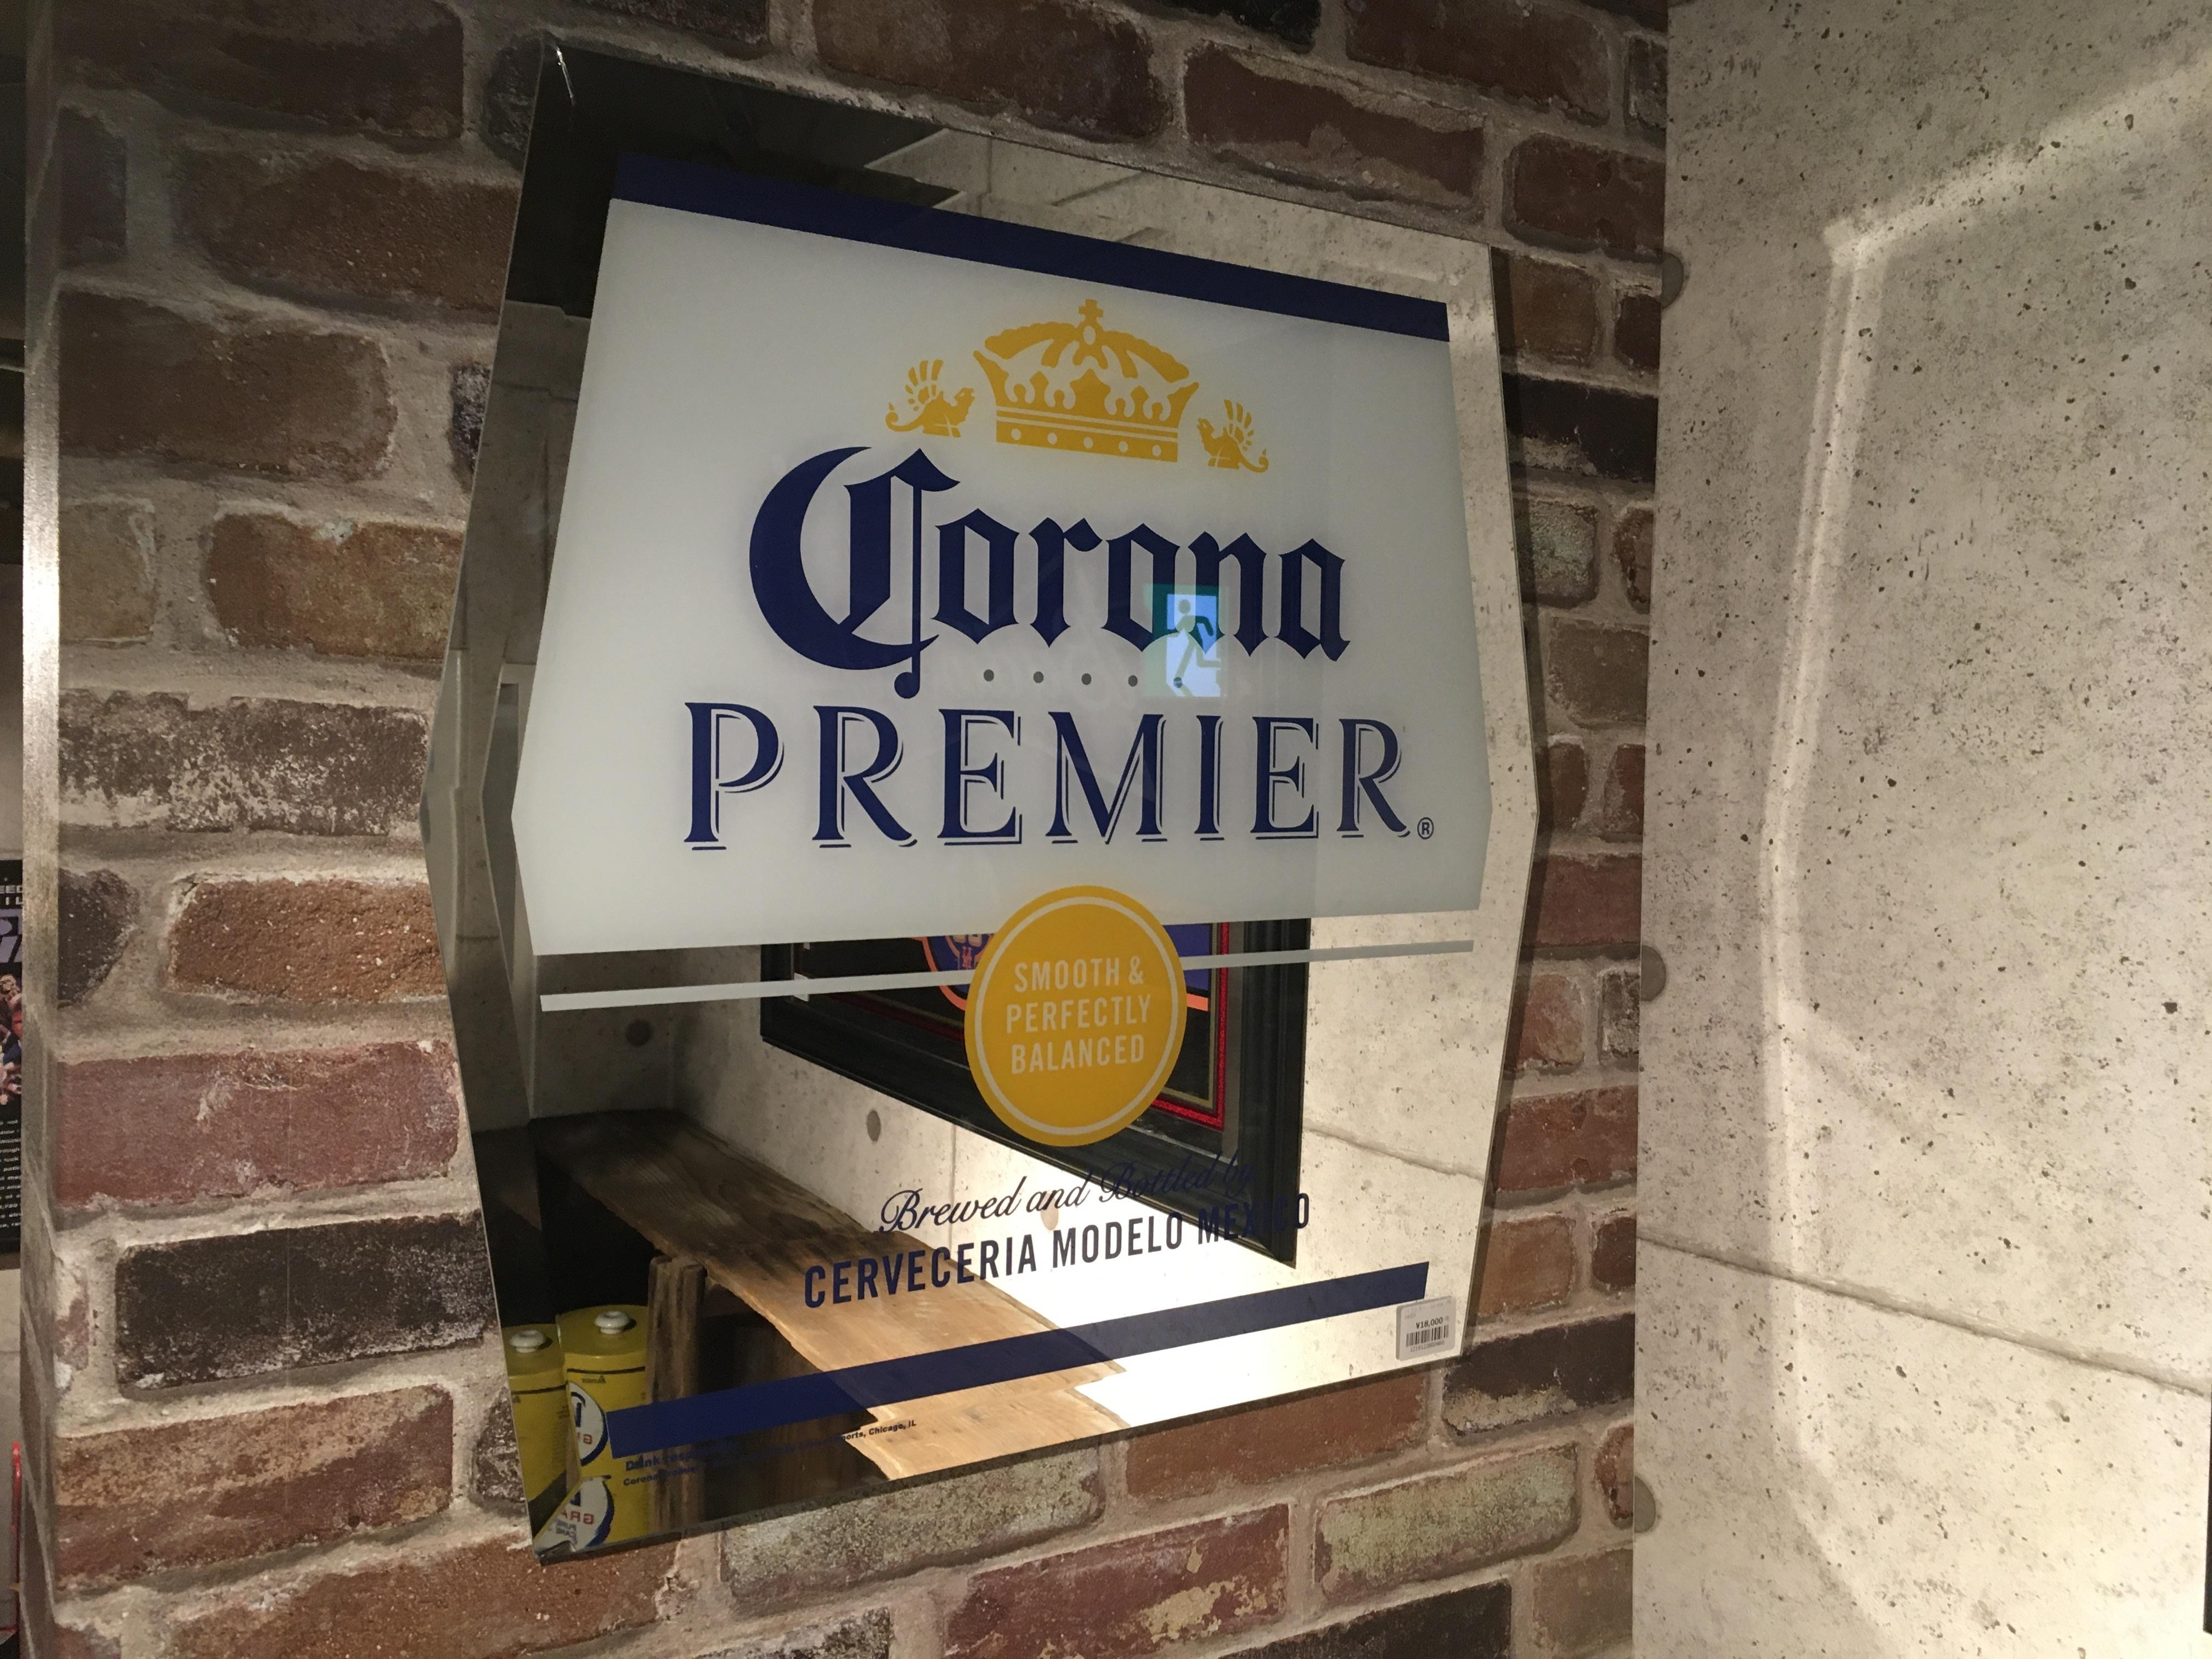 品番0460 パブミラー コロナ Corona PREMIER インテリア 鏡 011